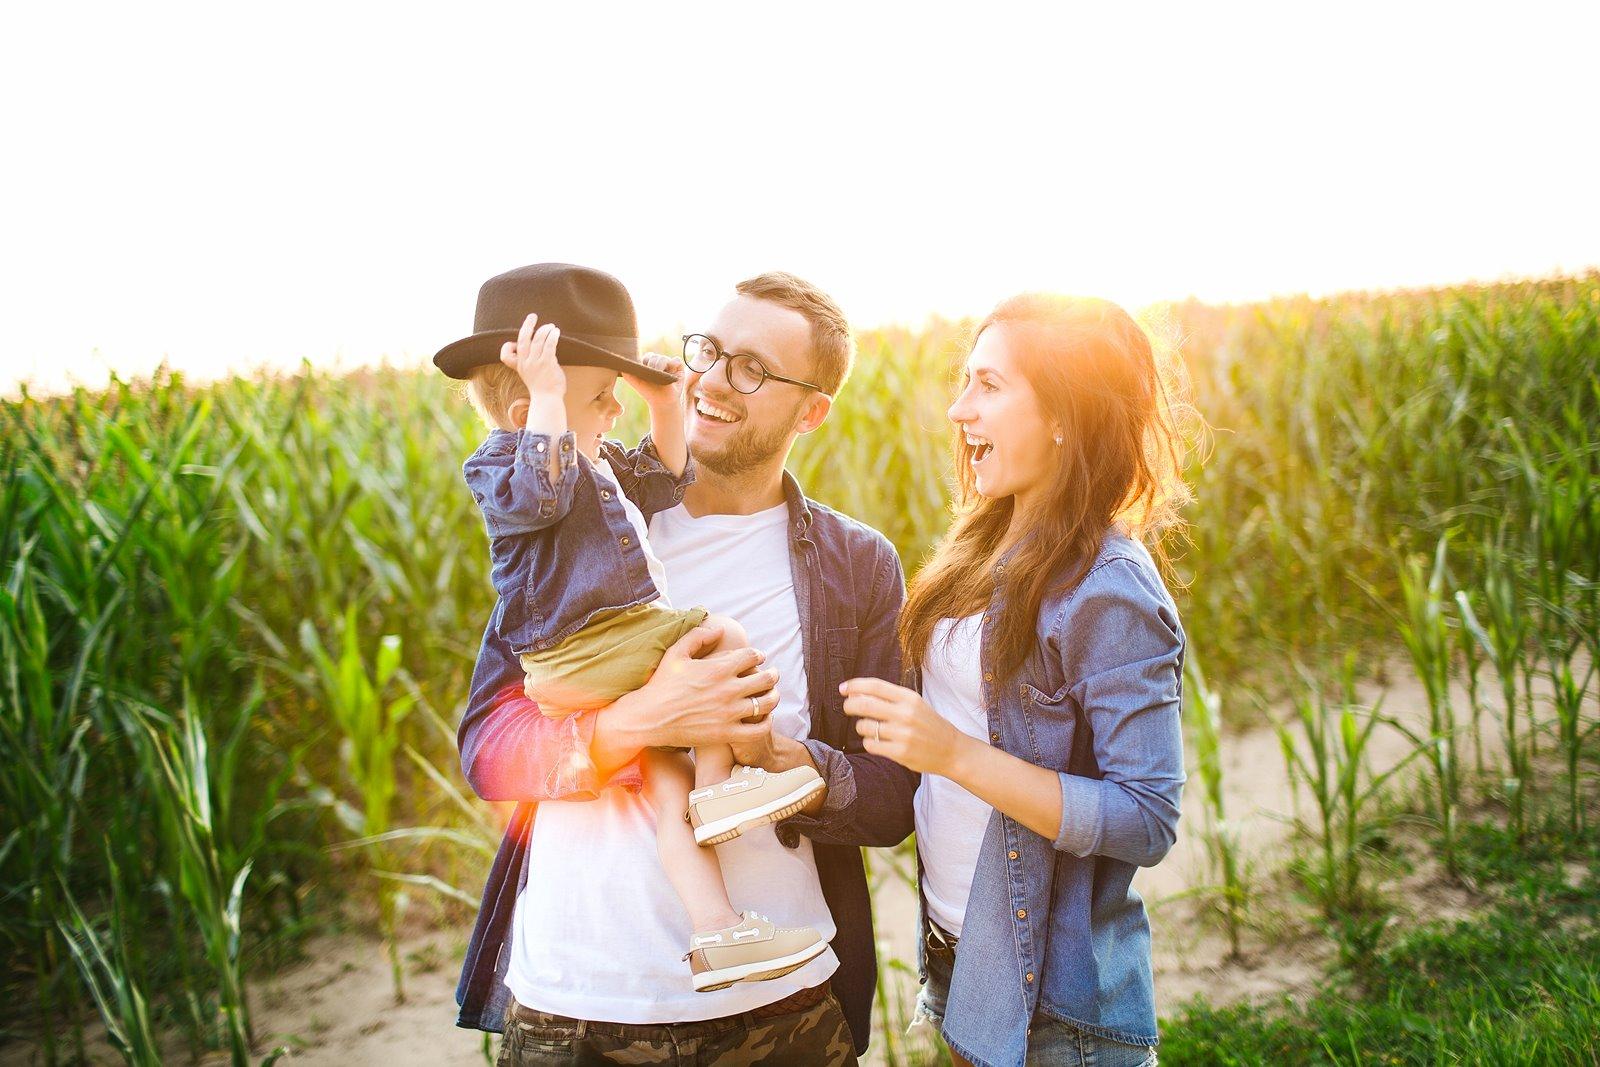 Hogyan utazik a család?